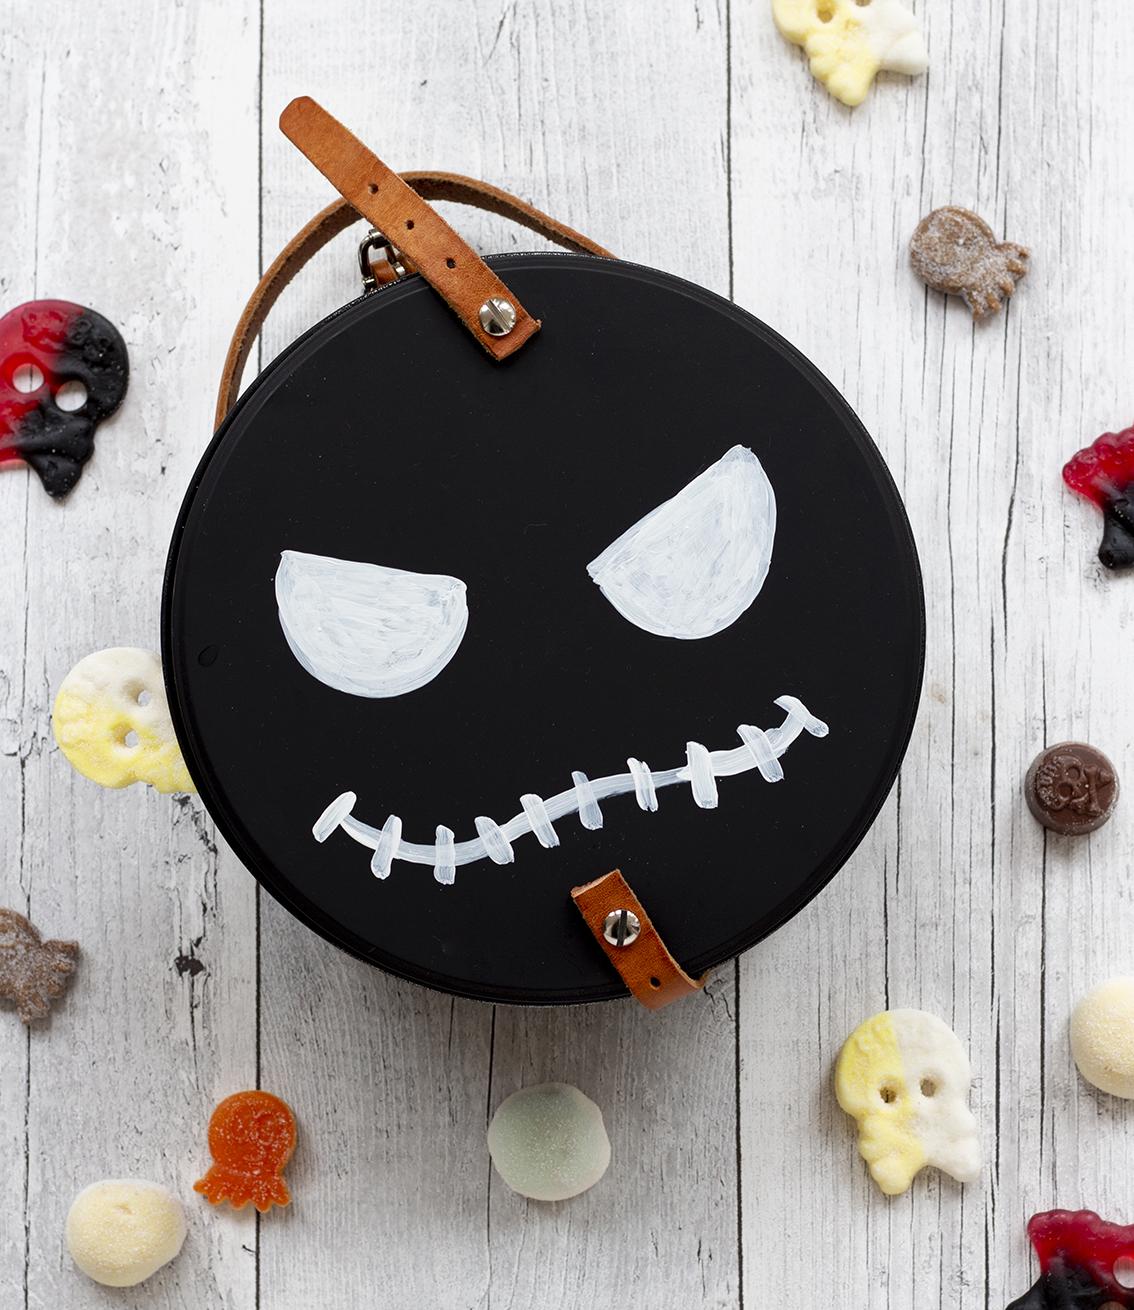 Halloweenväska | Pysselbolaget